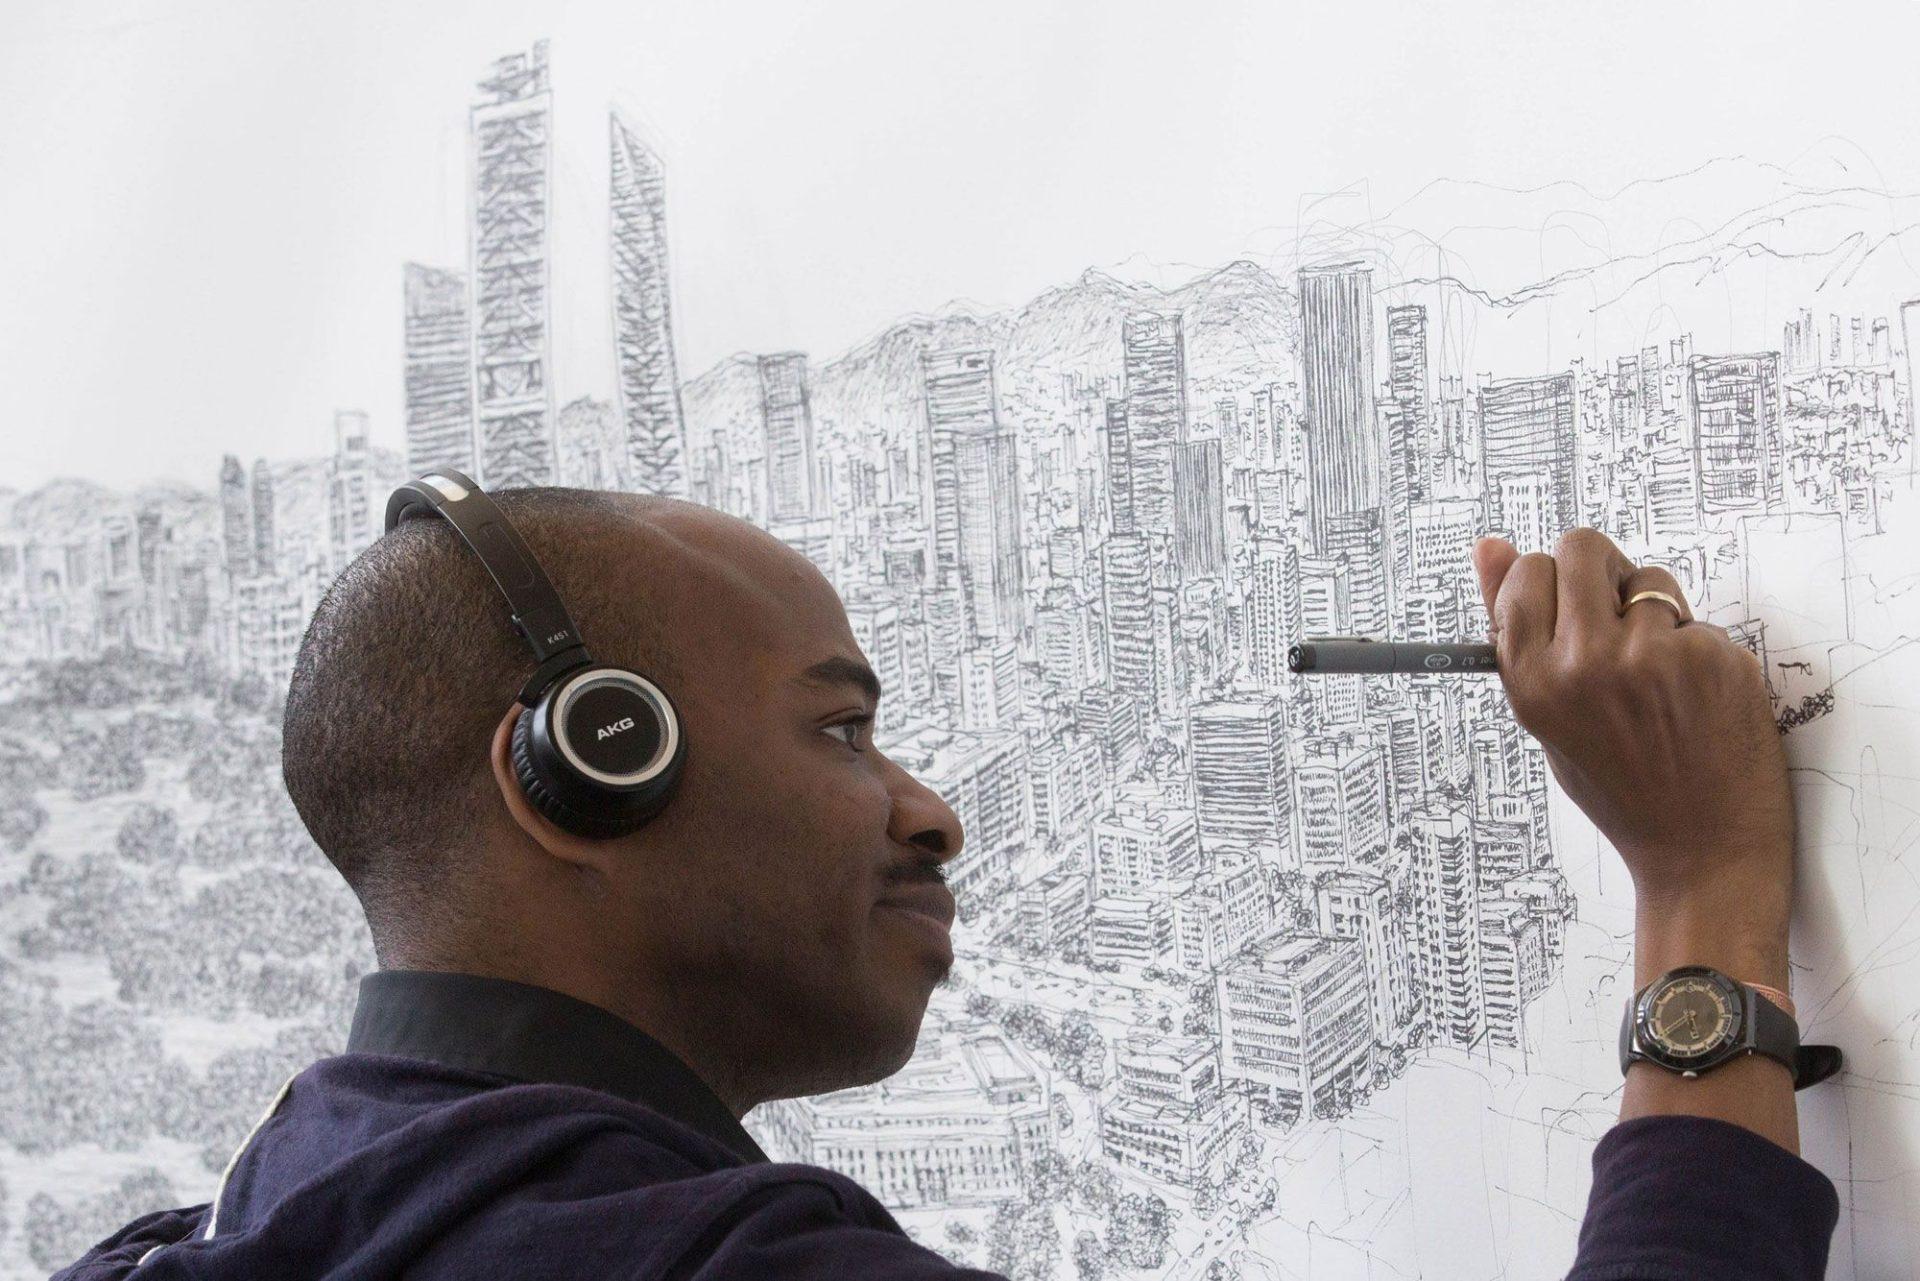 Stephen Wiltshire, l'artista autistico che riproduce a memoria lo skyline di New York